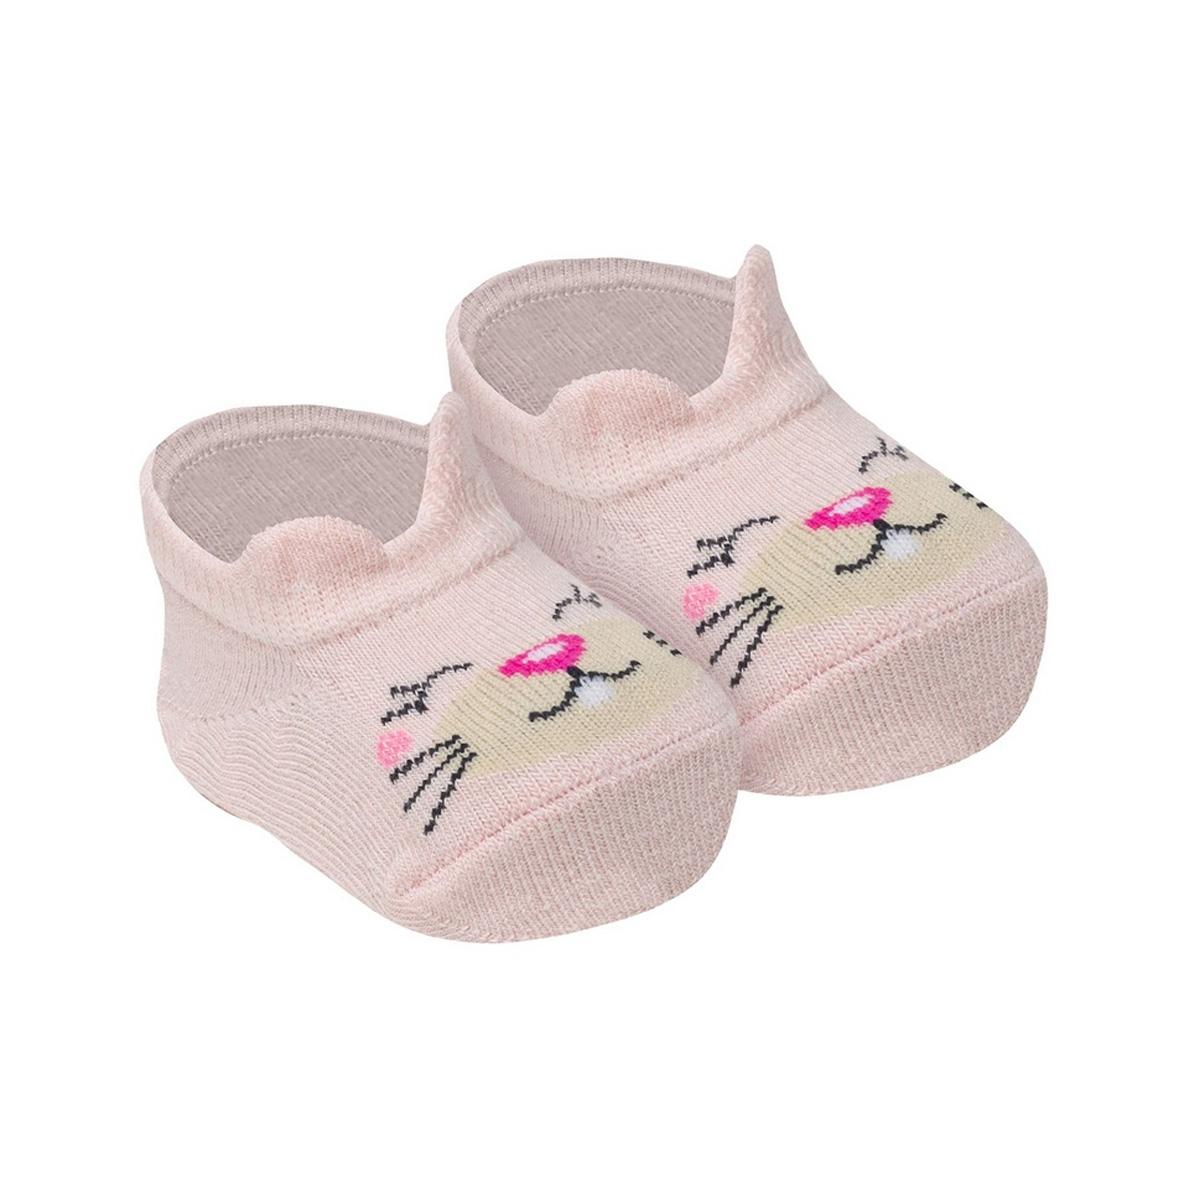 Meia de bebê modelo sapatilha em algodão Selene